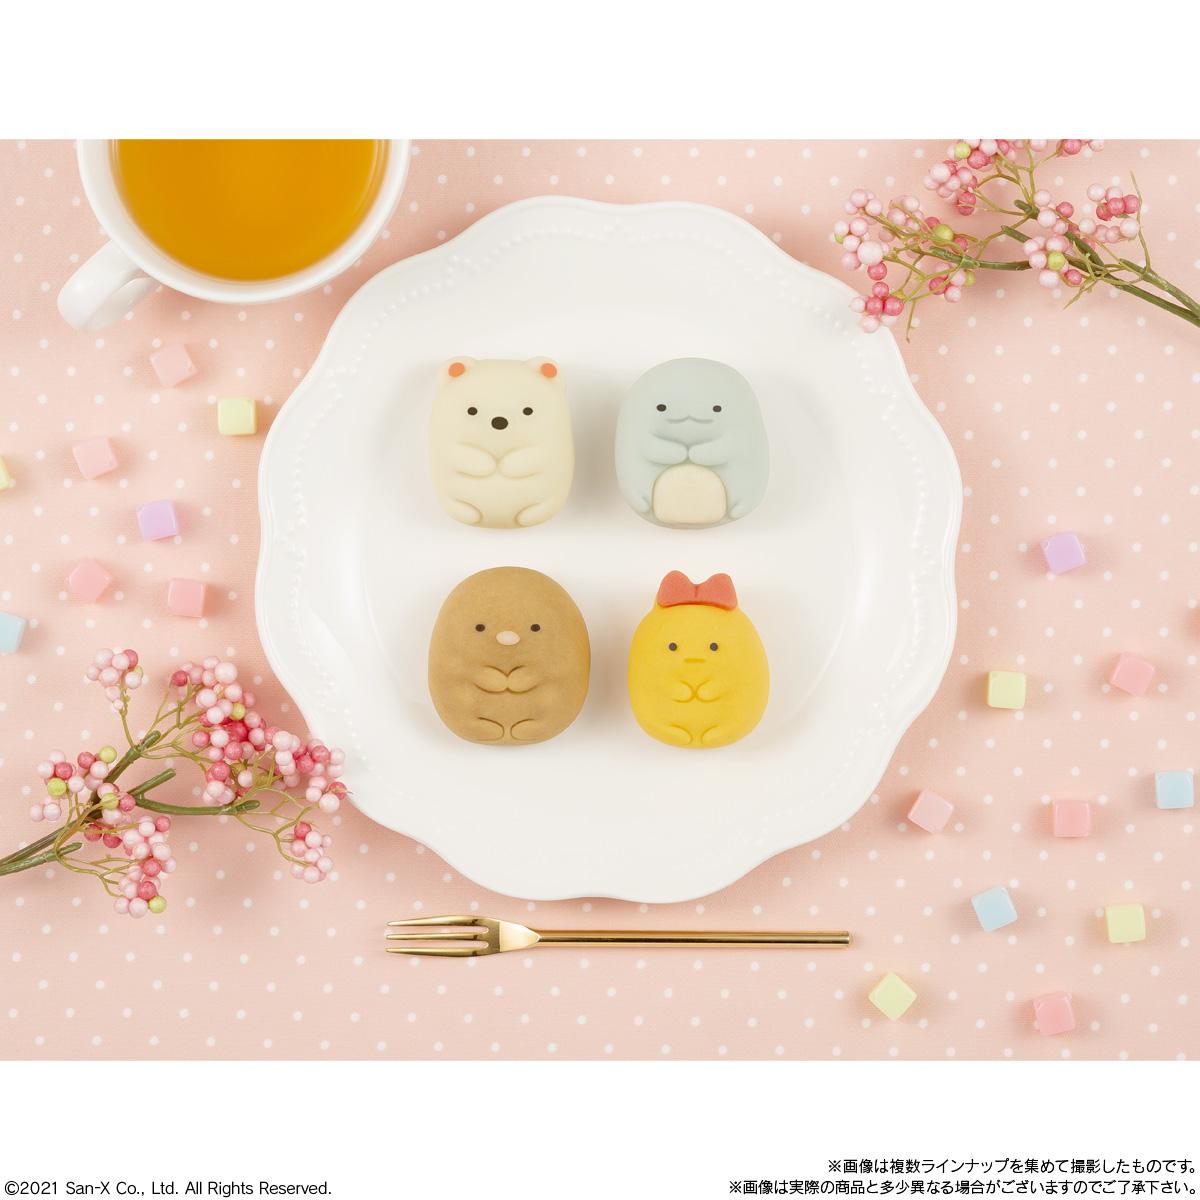 食べマス すみっコぐらし (とんかつ・えびふらいのしっぽ)_3